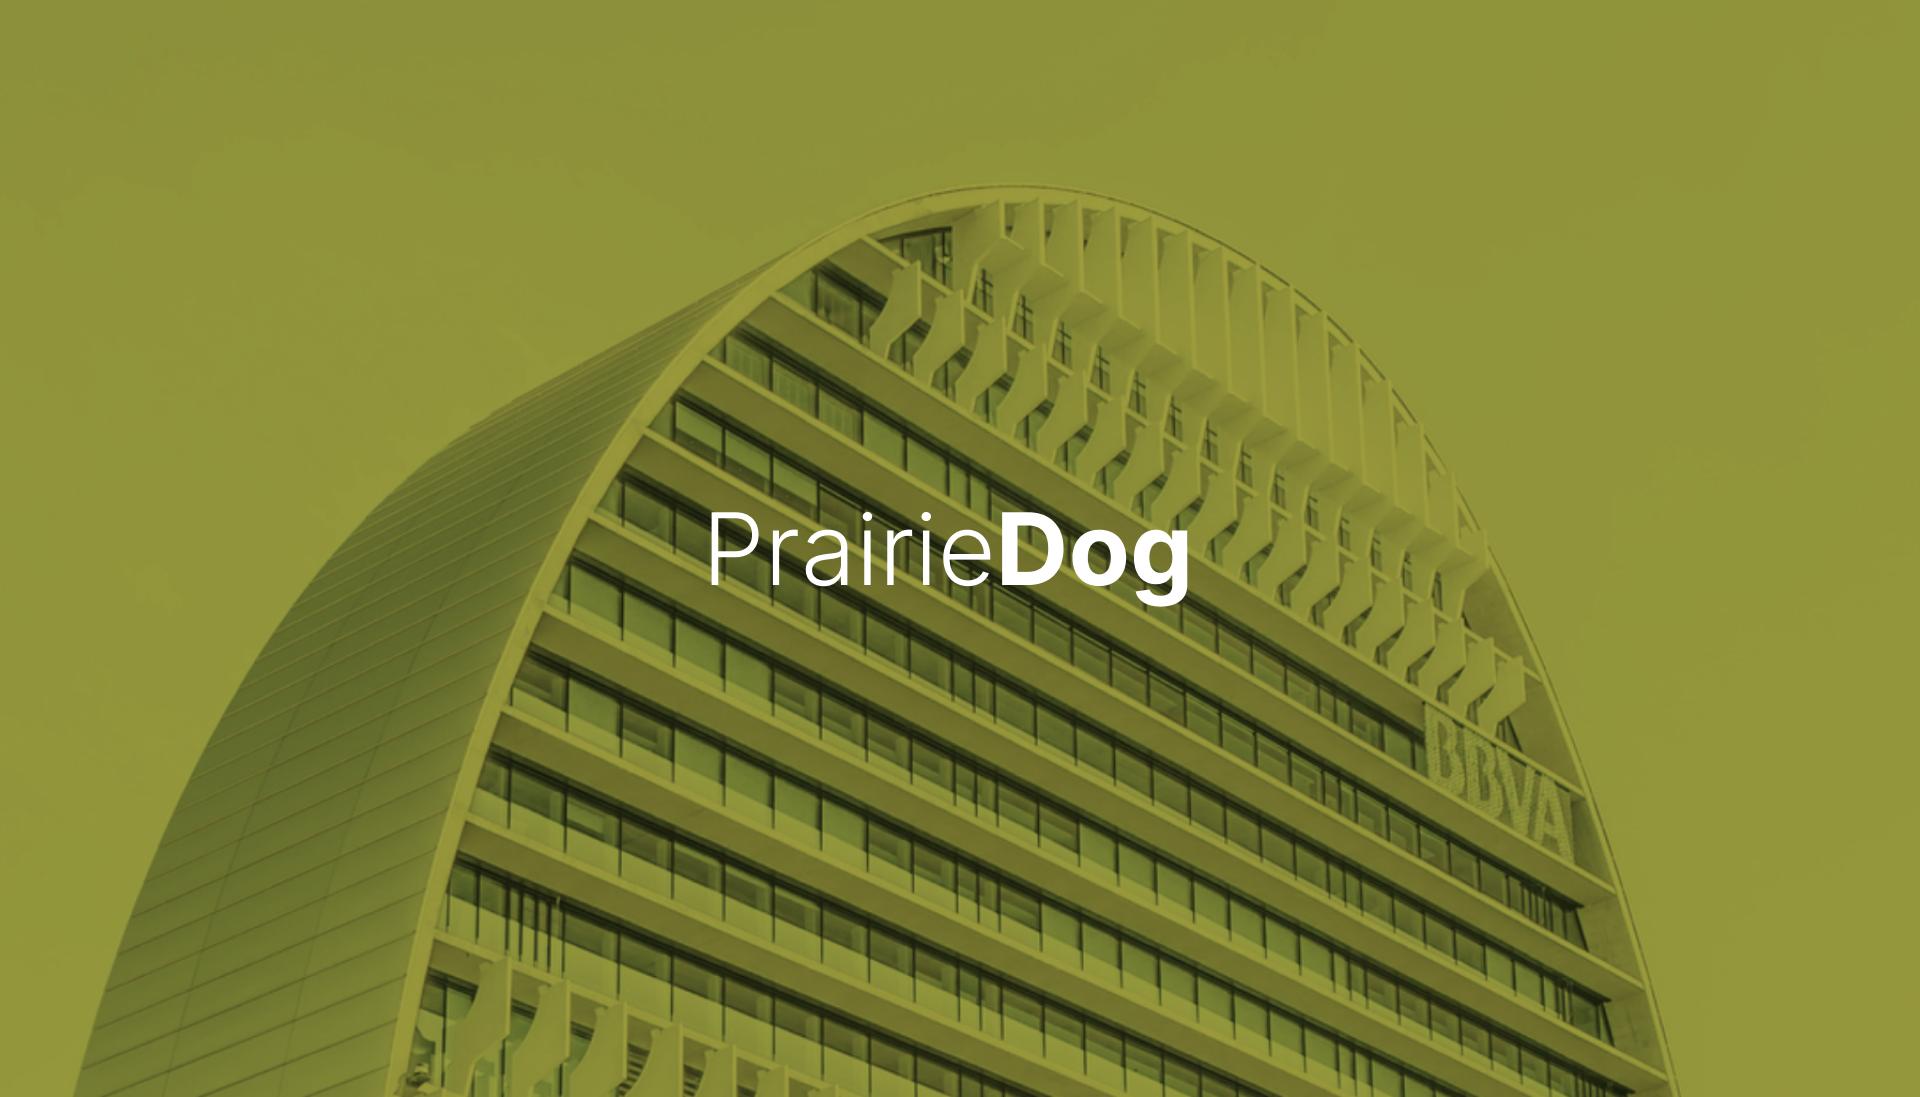 PrairieDog